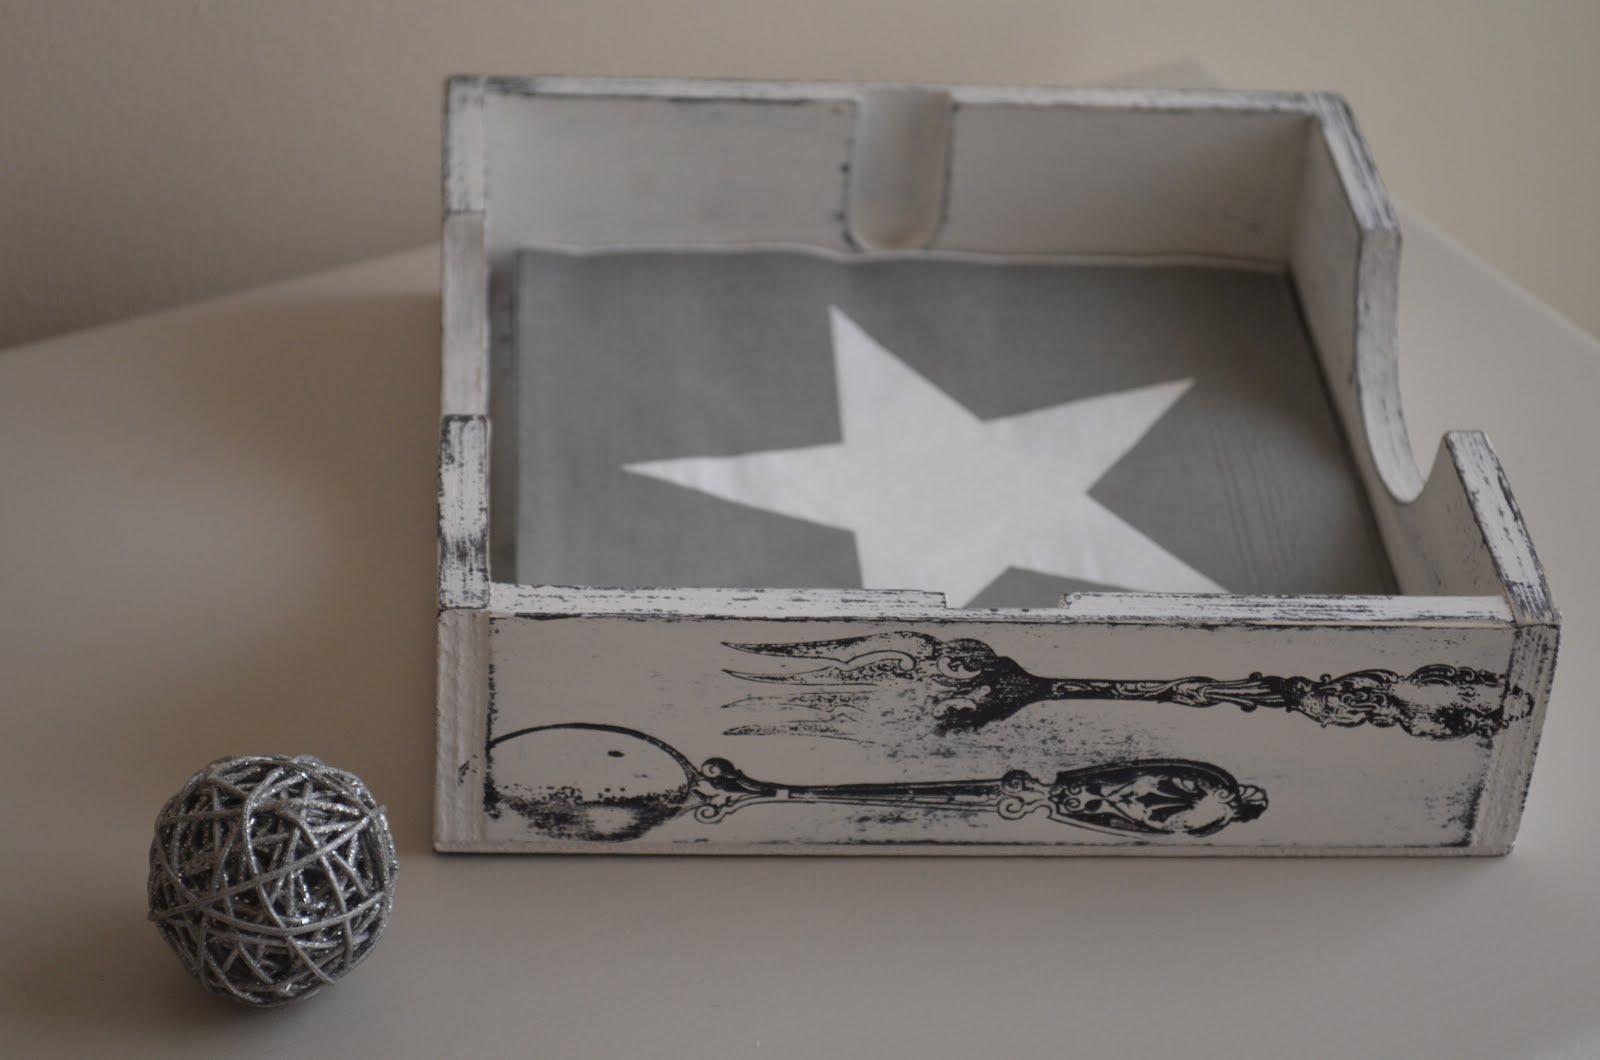 Caixa per tovallons de paper